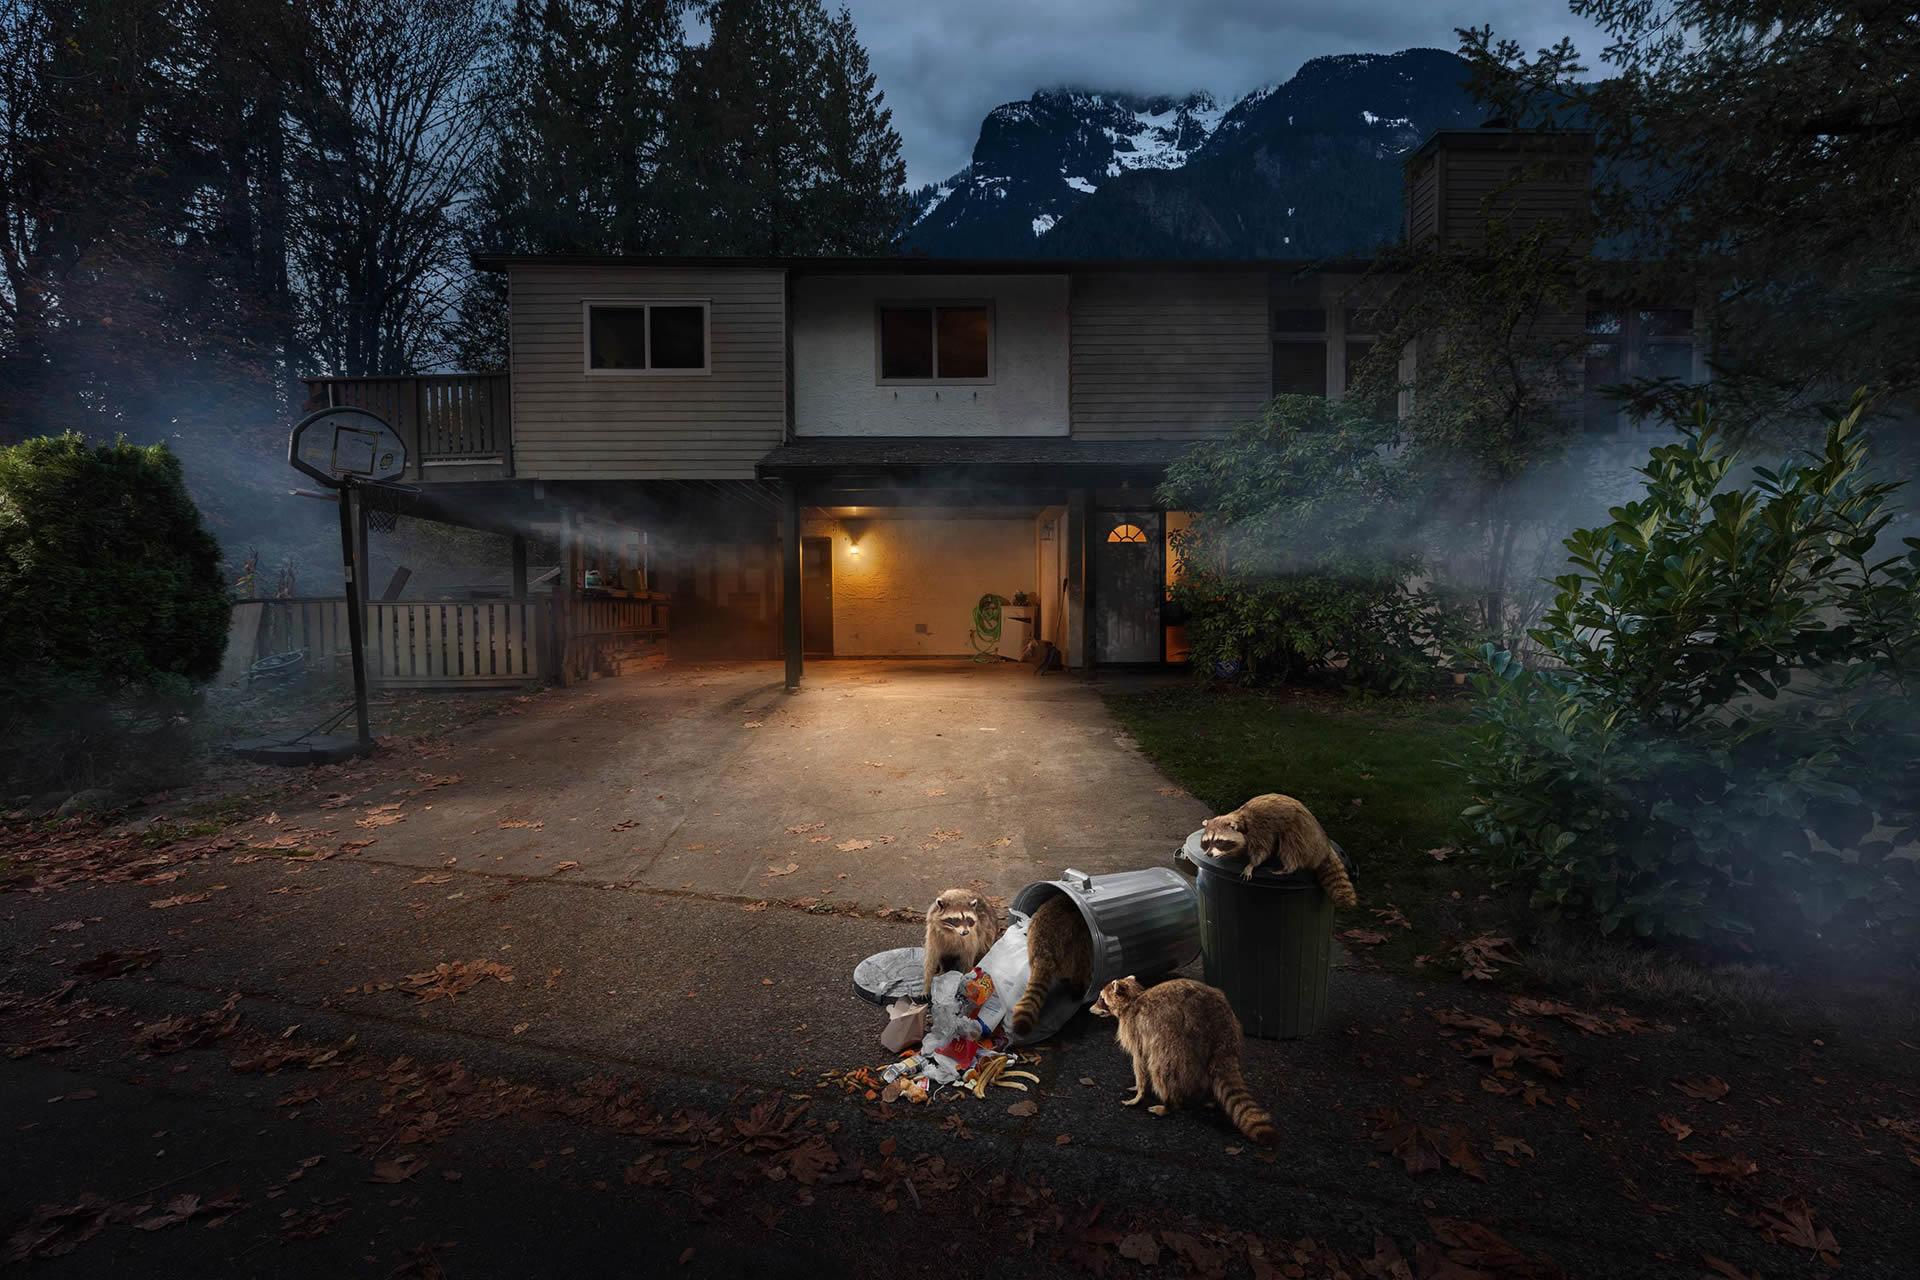 Kevin-Lanthier-Trash-Pandas-Online-Art-Galleries